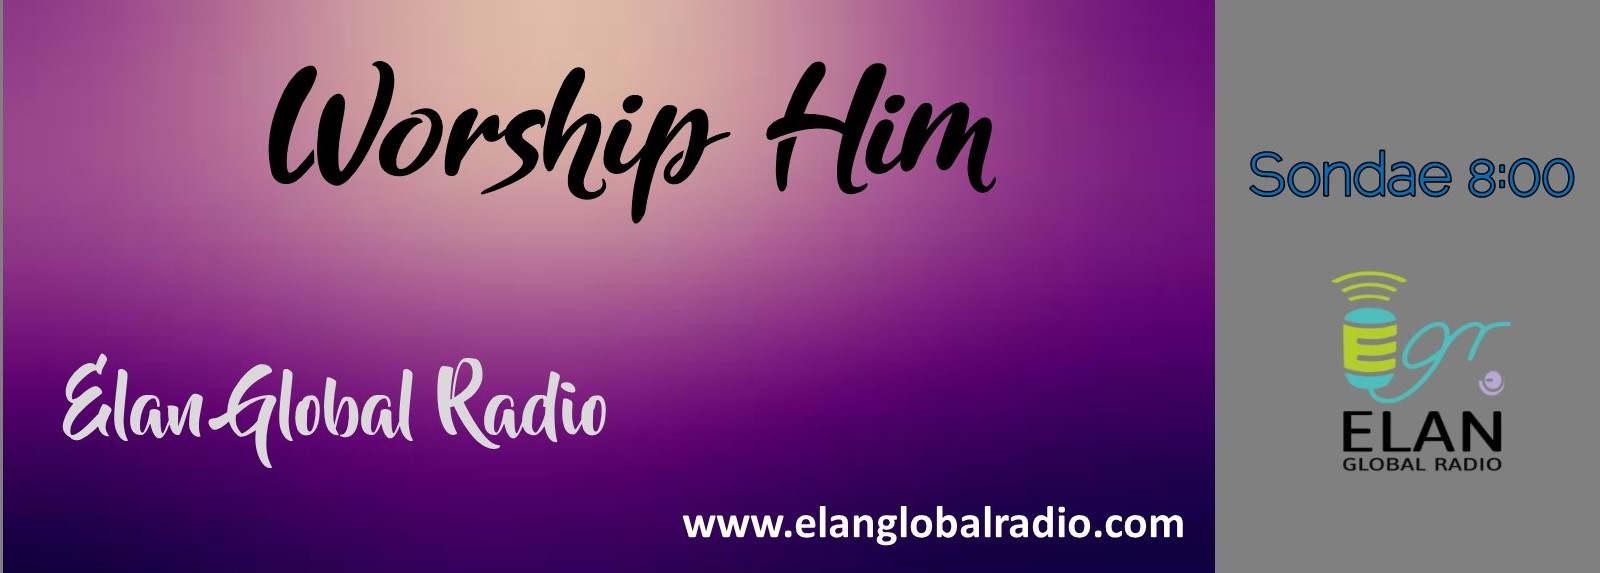 Worship Him.jpg